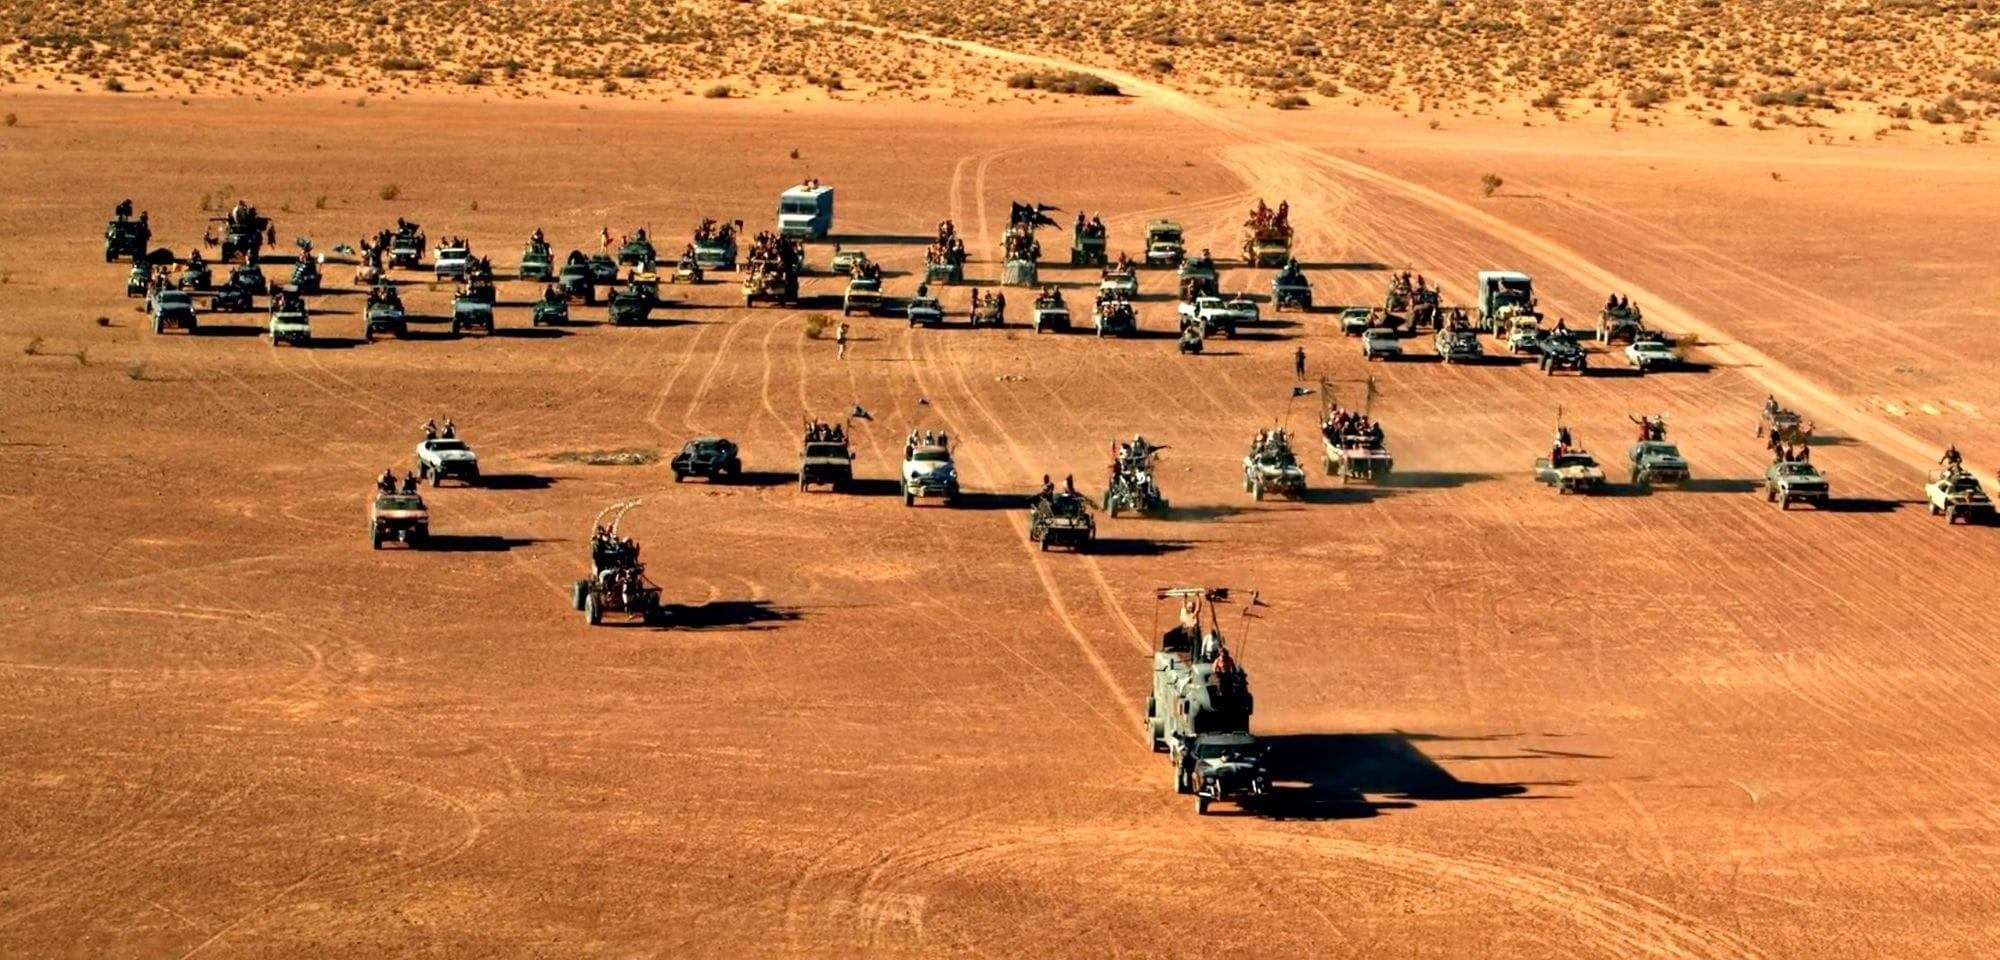 Φωτογραφία από το Wasteland Weekend με πολλά οχήματα